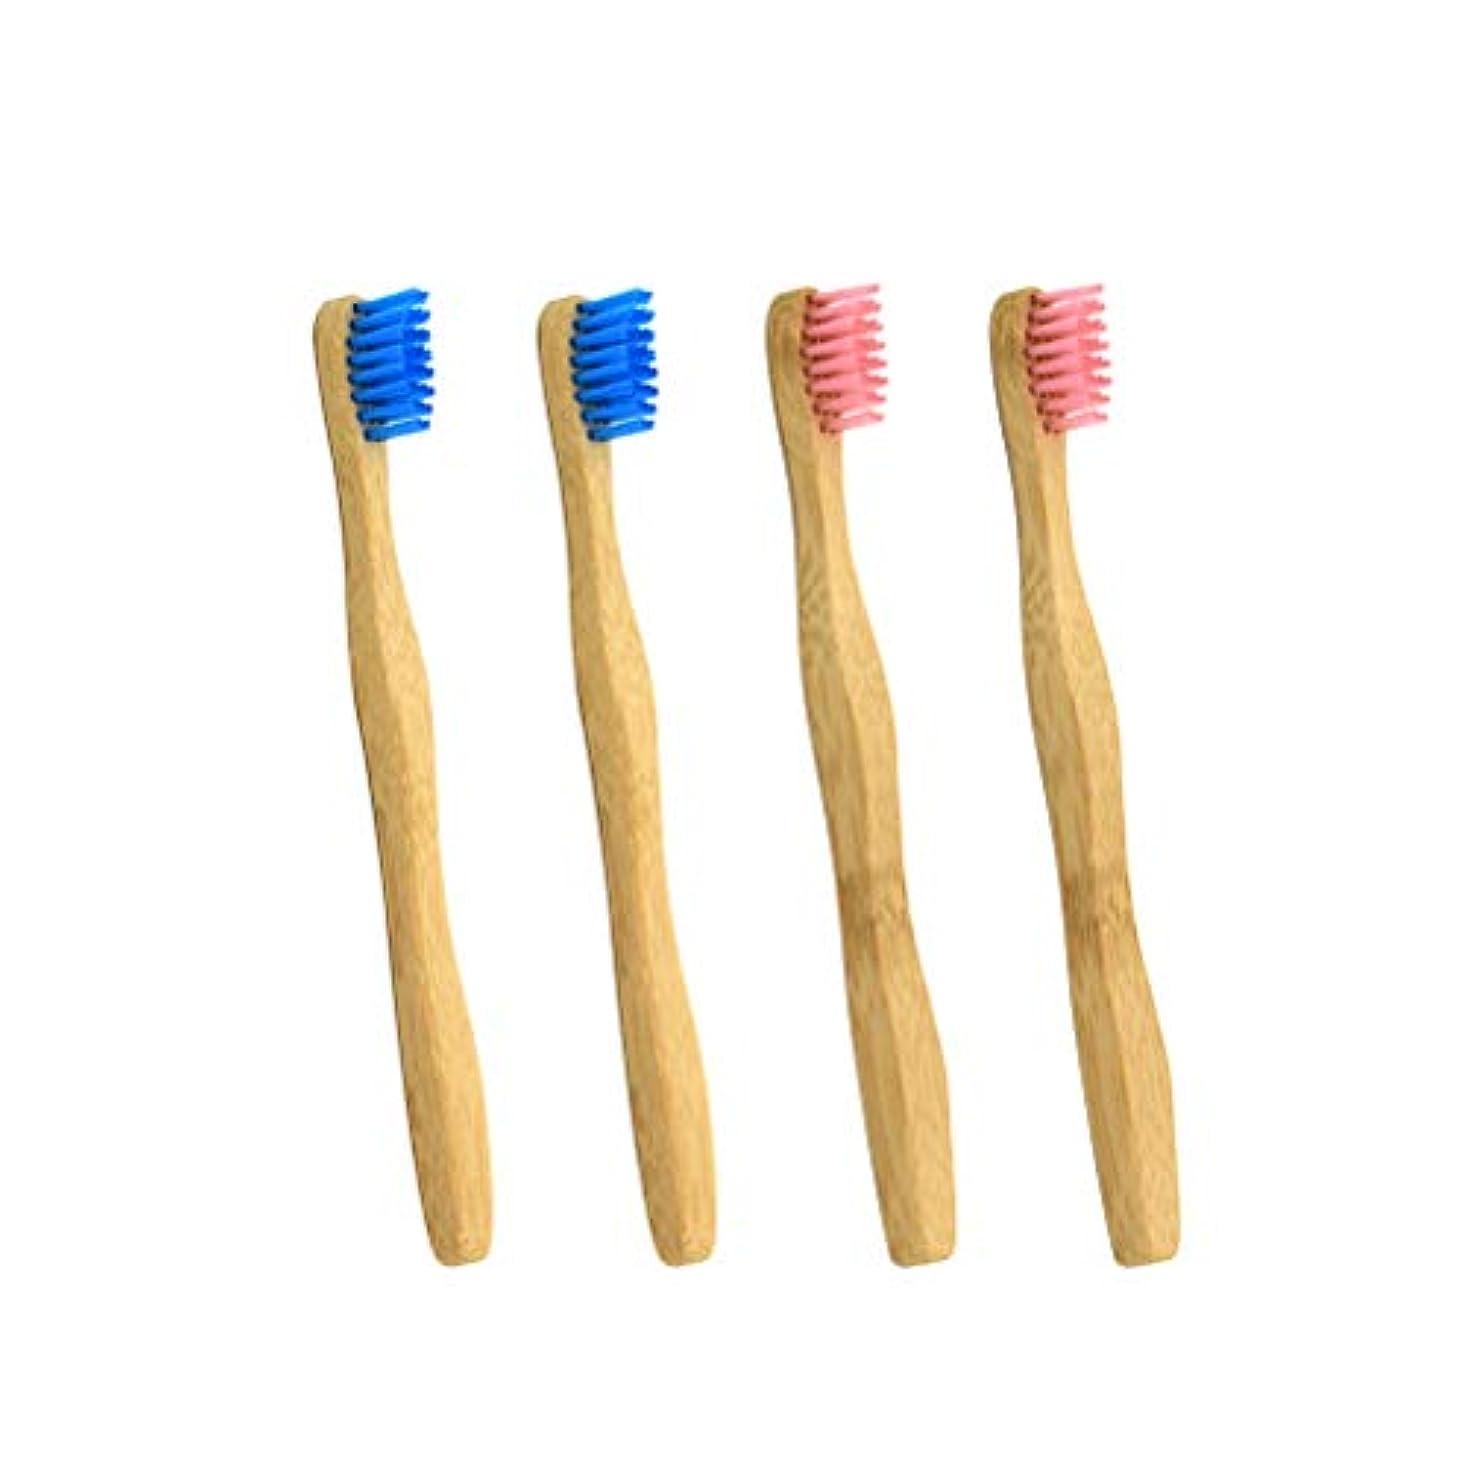 洪水ヘルシー埋めるSUPVOX 4本の子供の竹の歯ブラシ生分解性エコフレンドリーな歯ブラシ(ピンクとブルー各2本)